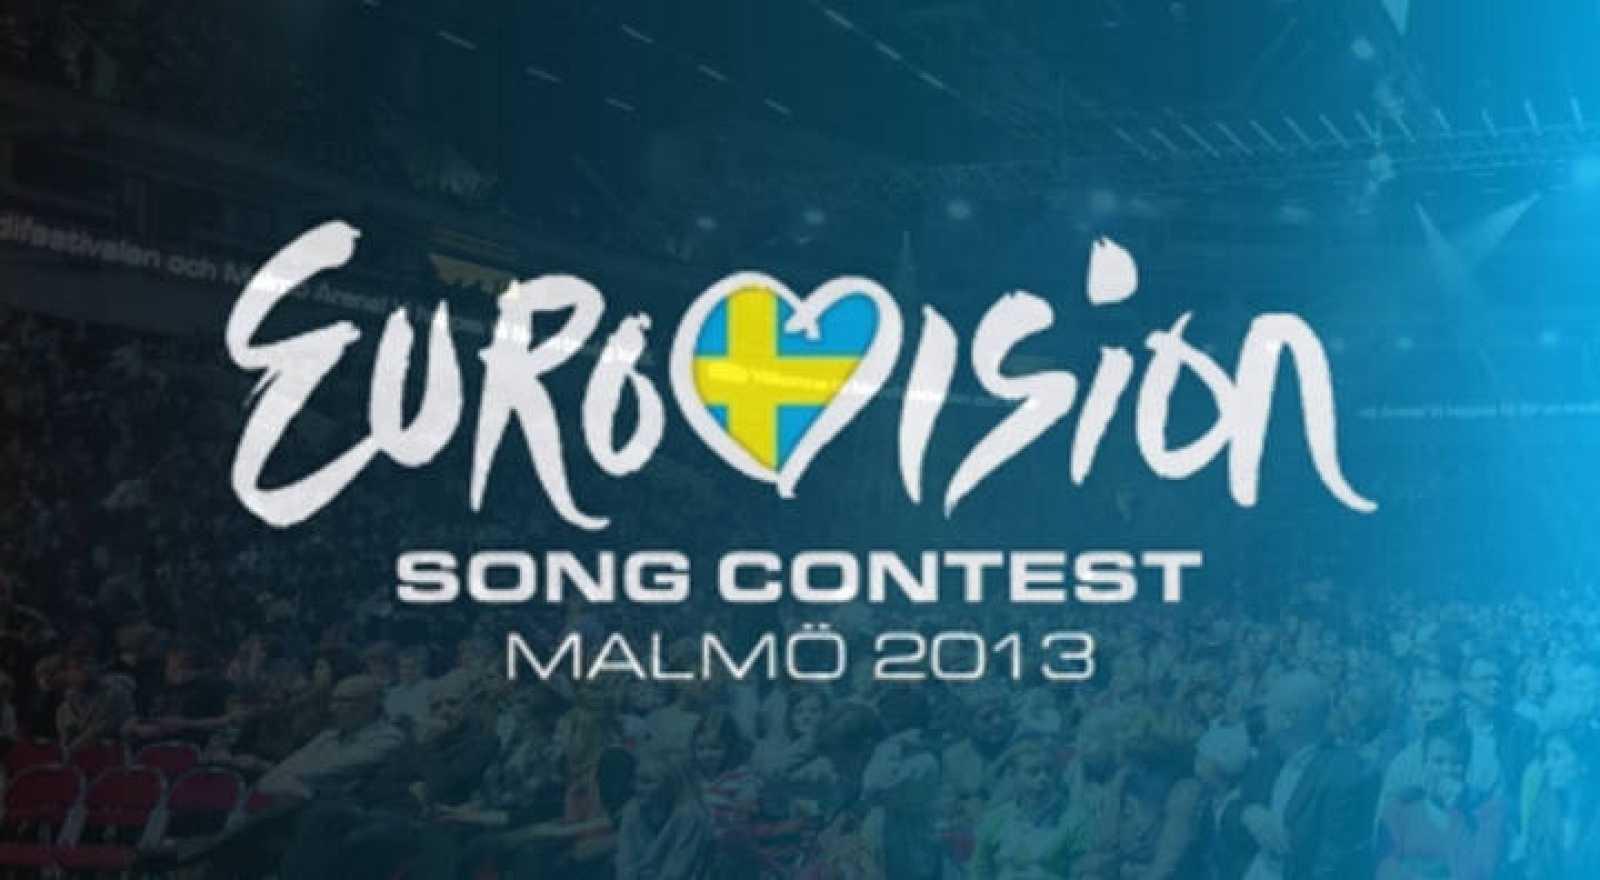 El Festival de Eurovisión 2013 se celebra en Malmö (Suecia) los días 14, 16 y 18 de mayo.